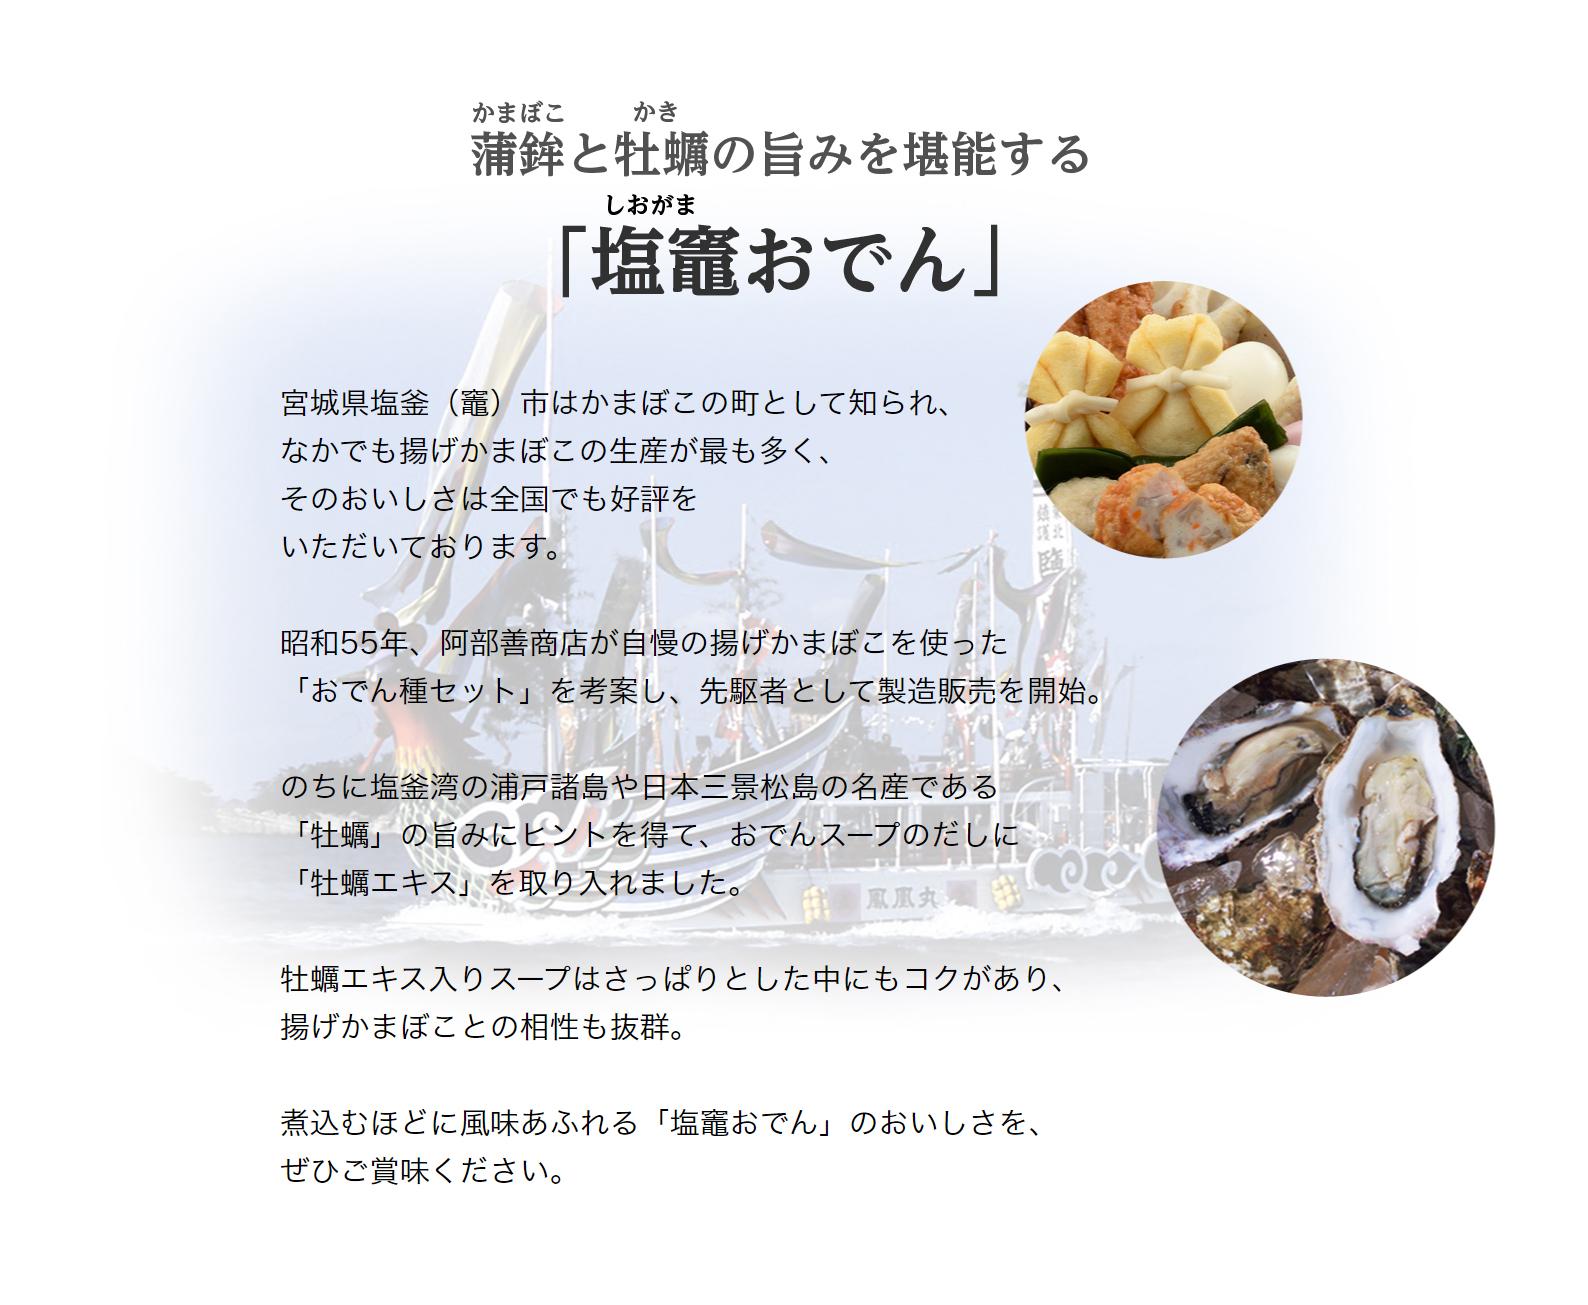 【缶詰】塩竈おでん缶 12缶セット